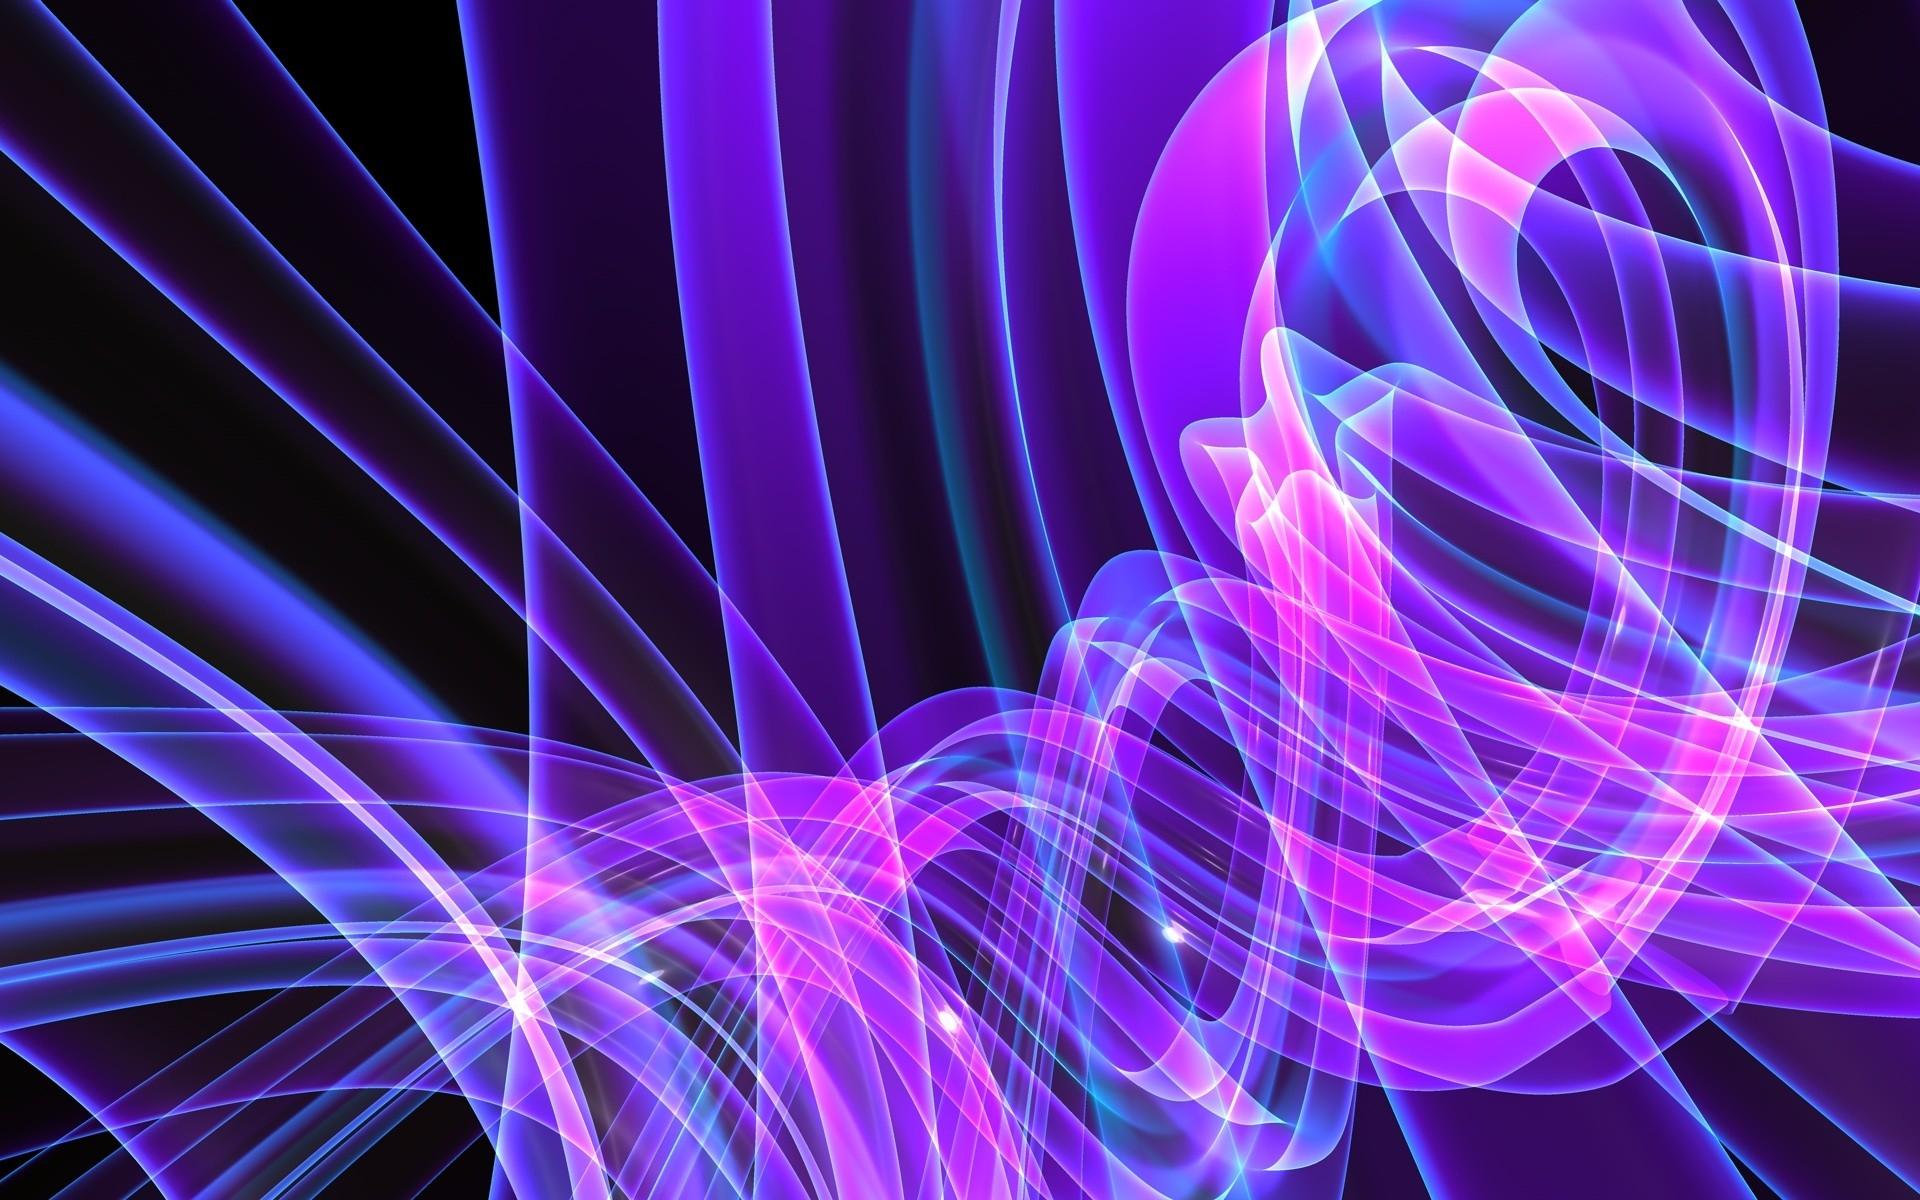 3d Dice Desktop Wallpaper Abstract Neon Wallpapers Hd Pixelstalk Net